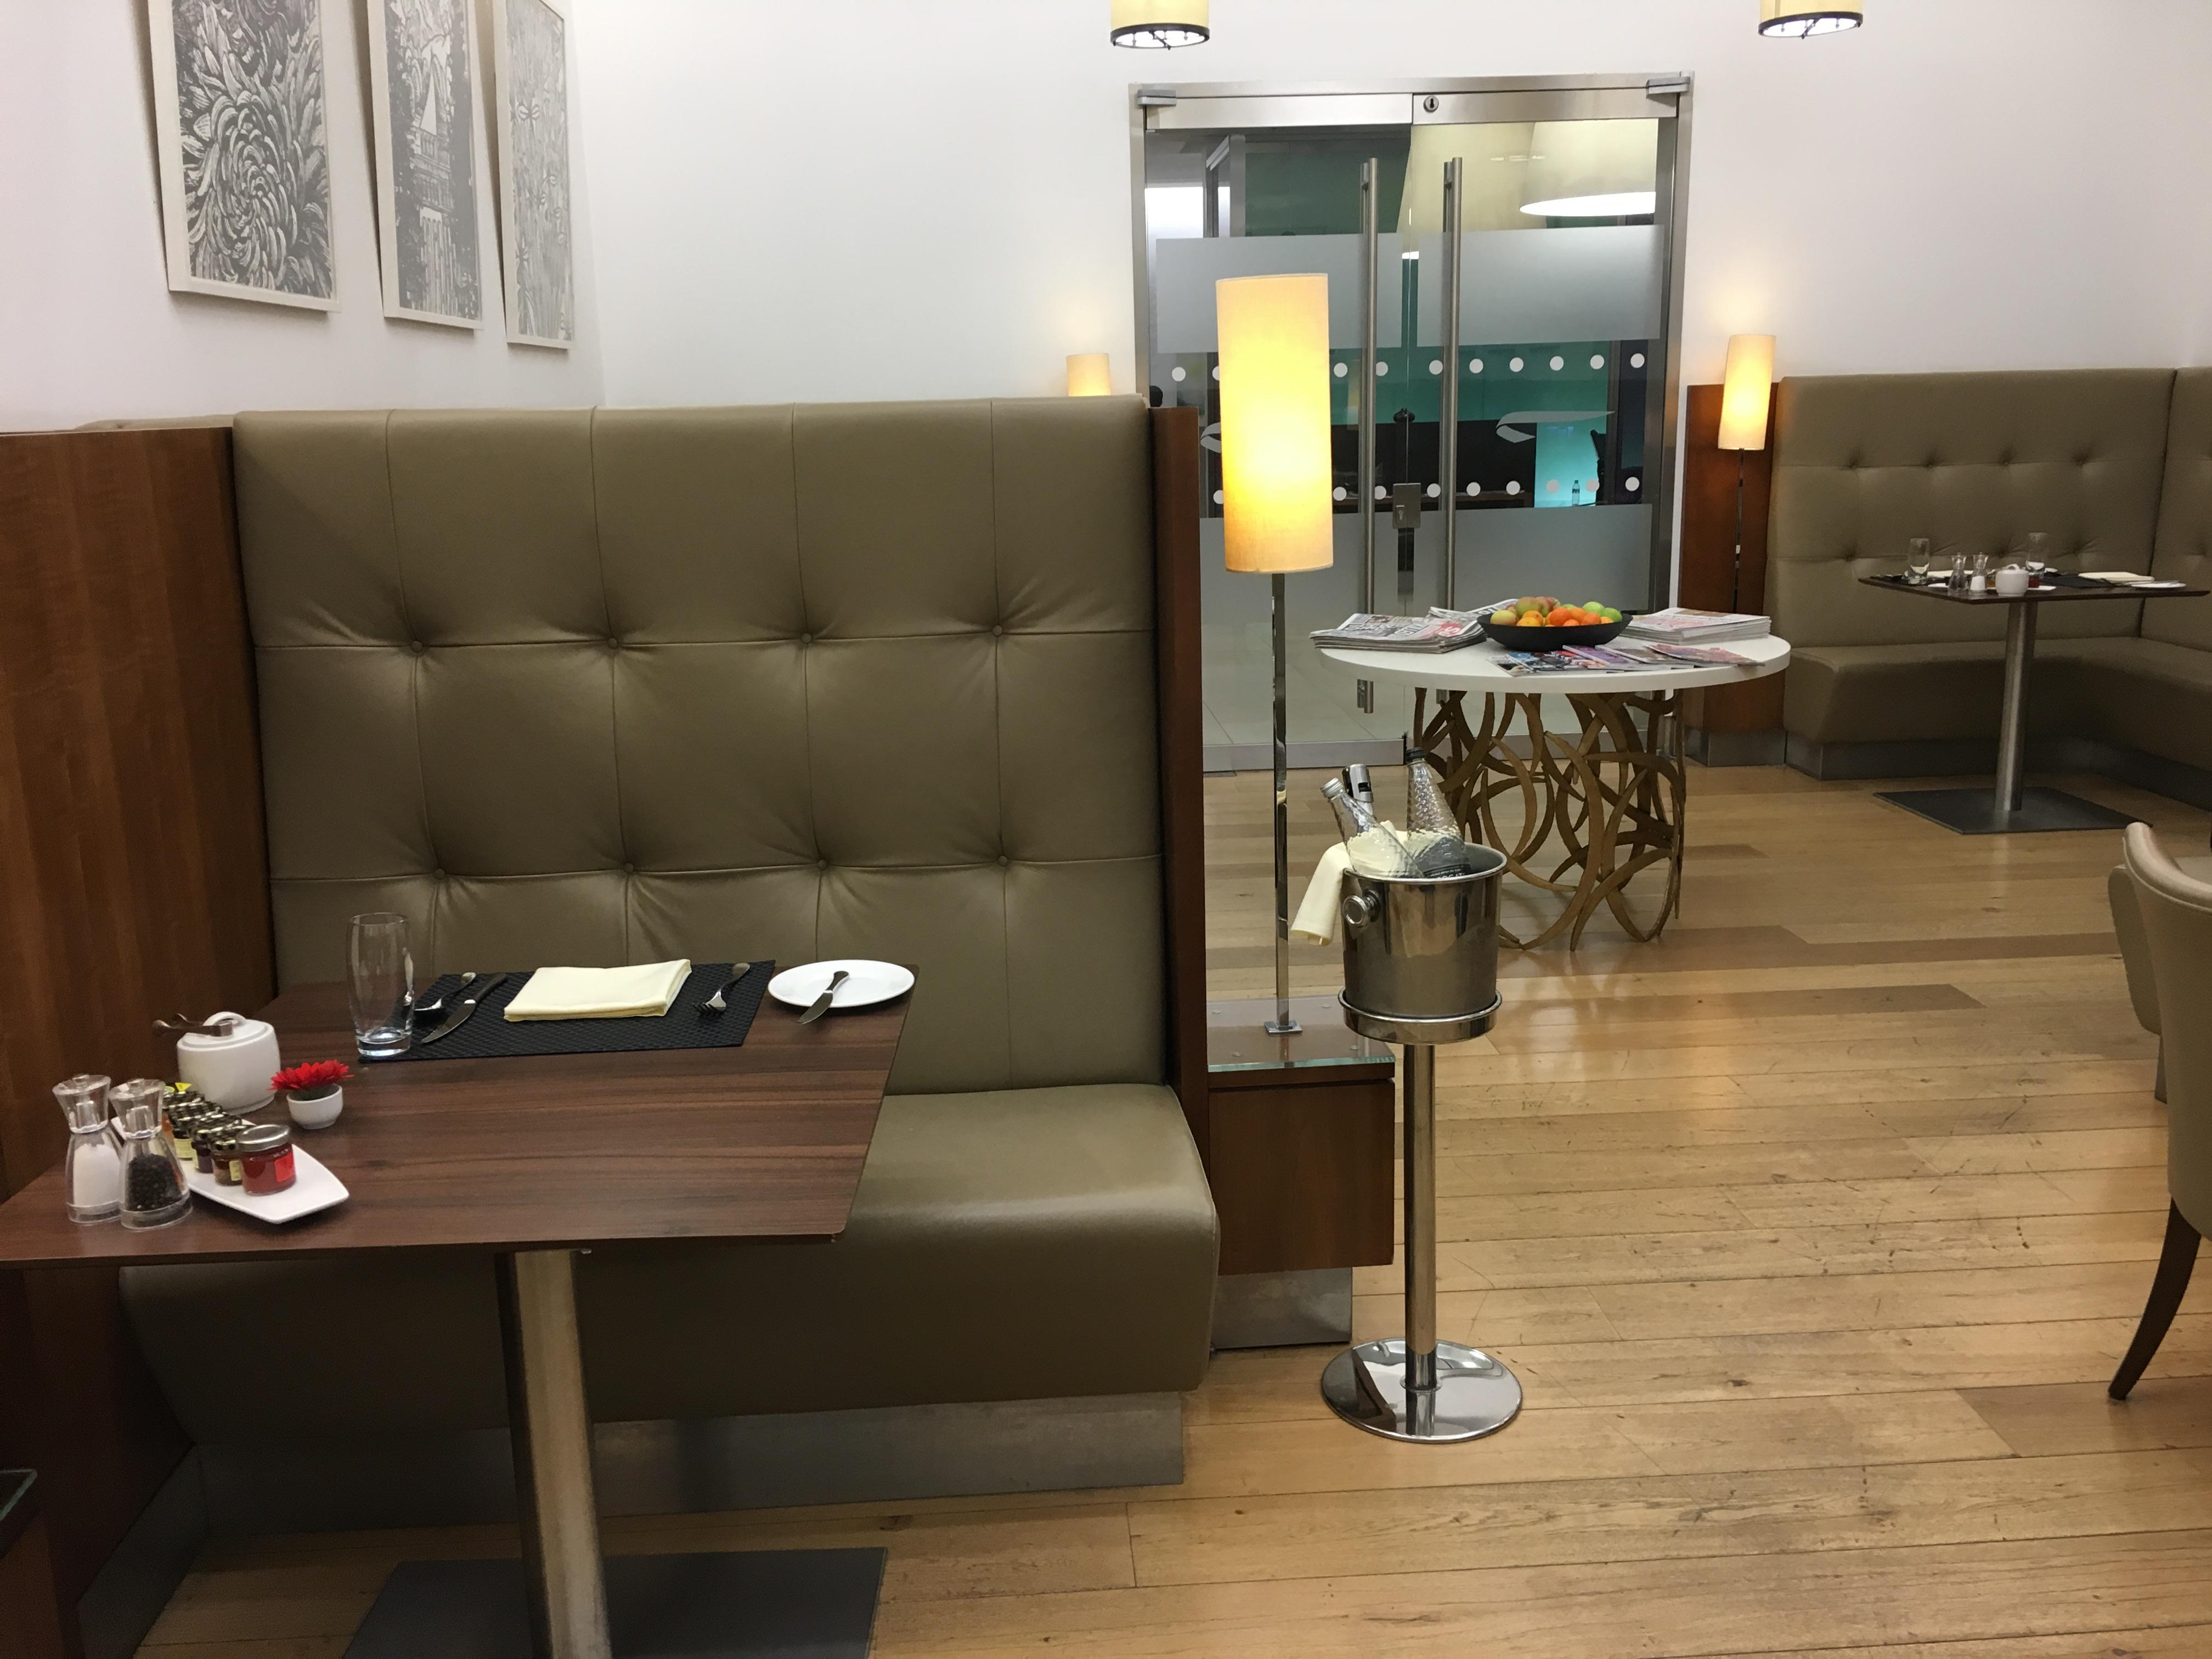 Lounge Review : ロンドンヒースロー(LHR) ターミナル5 ブリティッシュ・エアウェイズ(BA) アライバルラウンジ(Arrival Lounge)